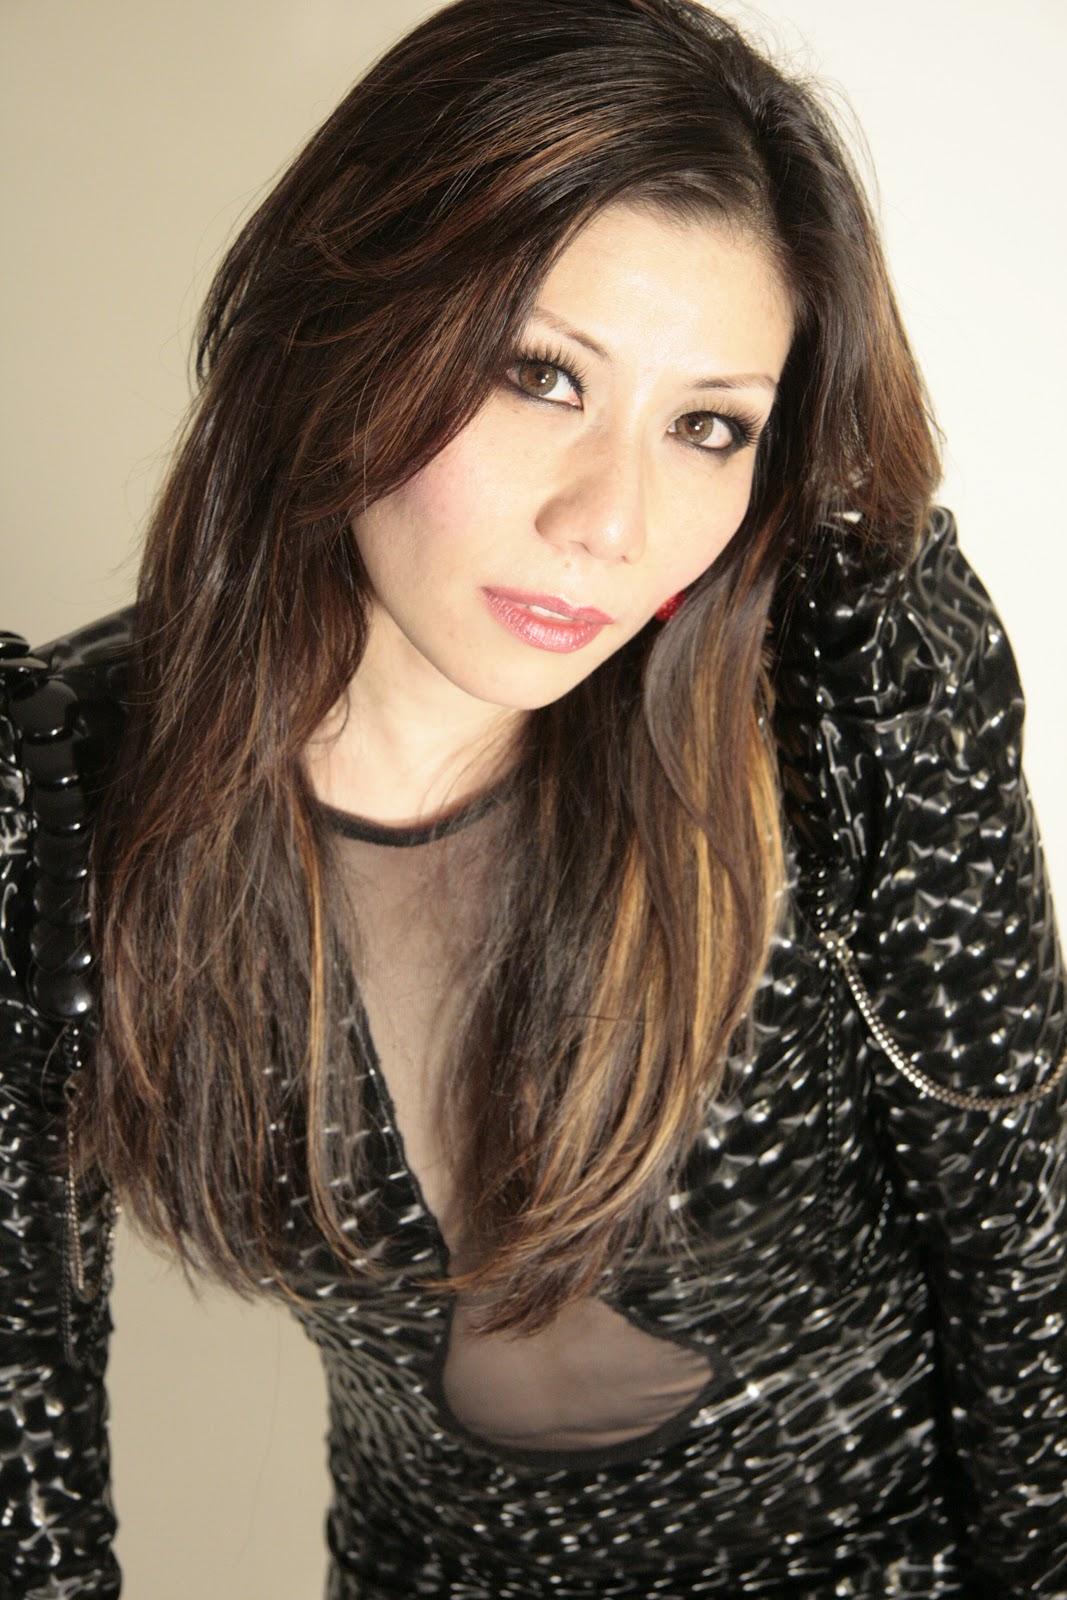 Video Chacha Huang nudes (11 photo), Ass, Hot, Selfie, butt 2006